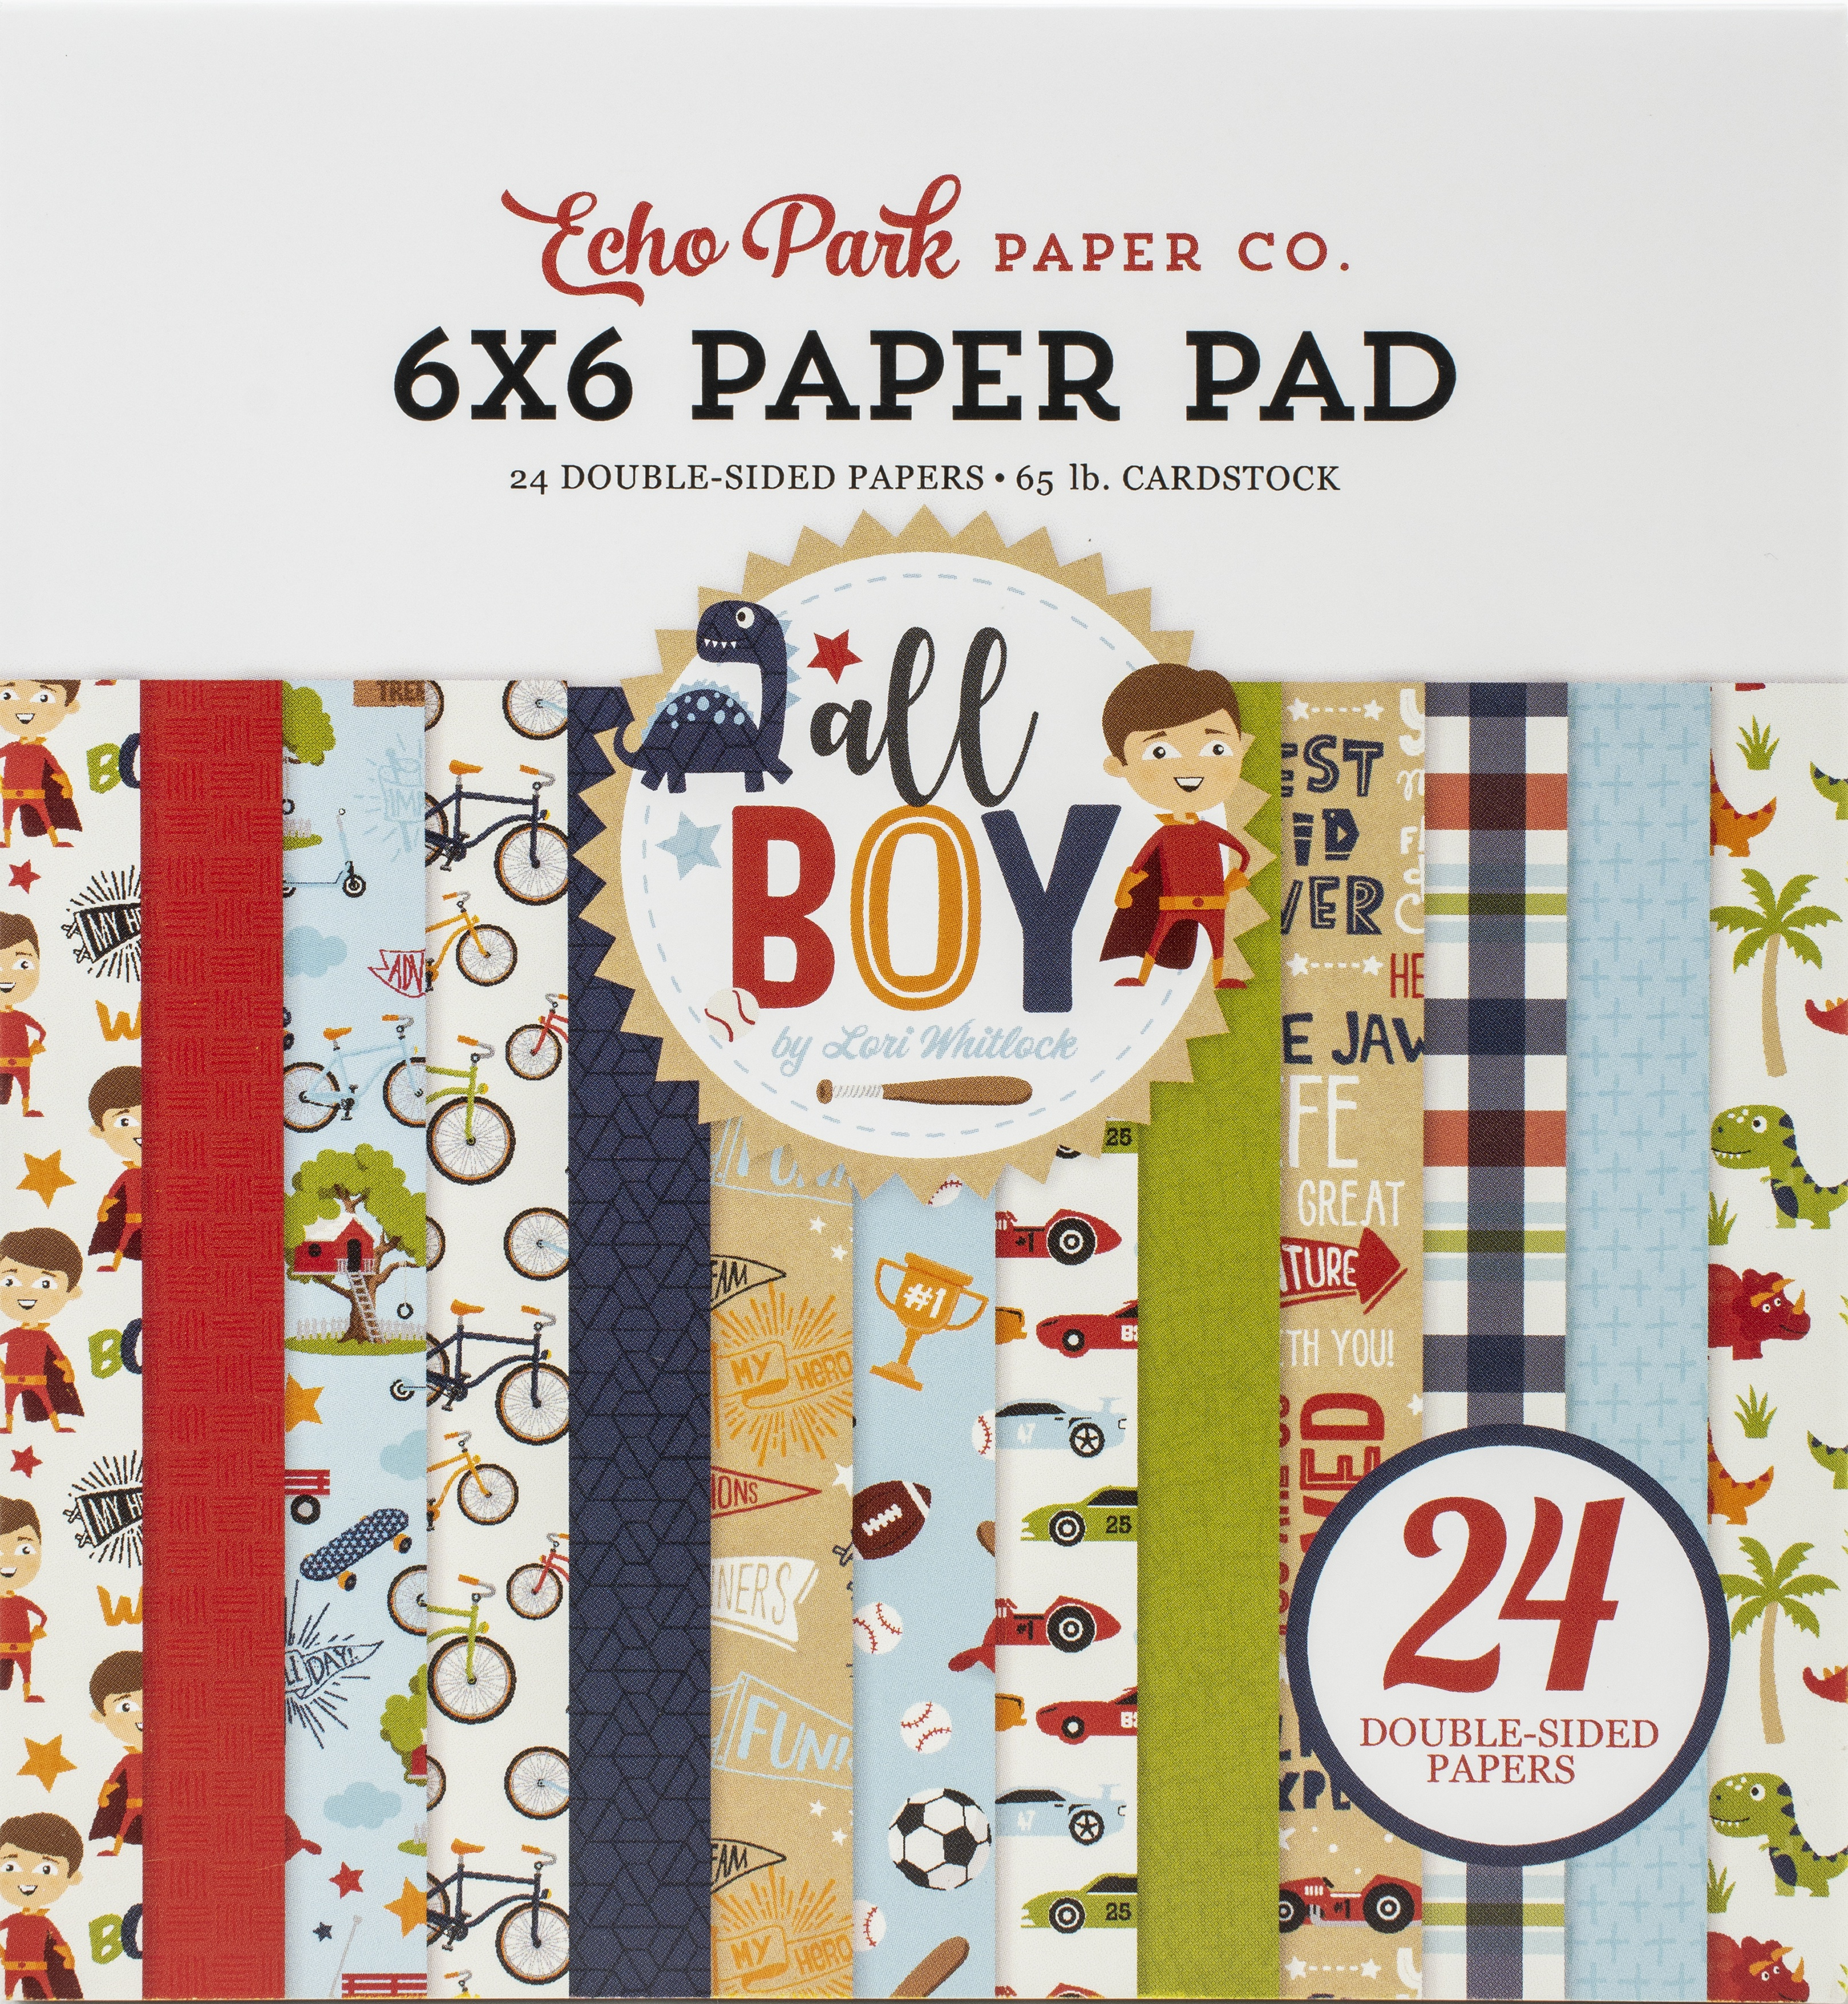 All Boy - Paper Pad 6x6